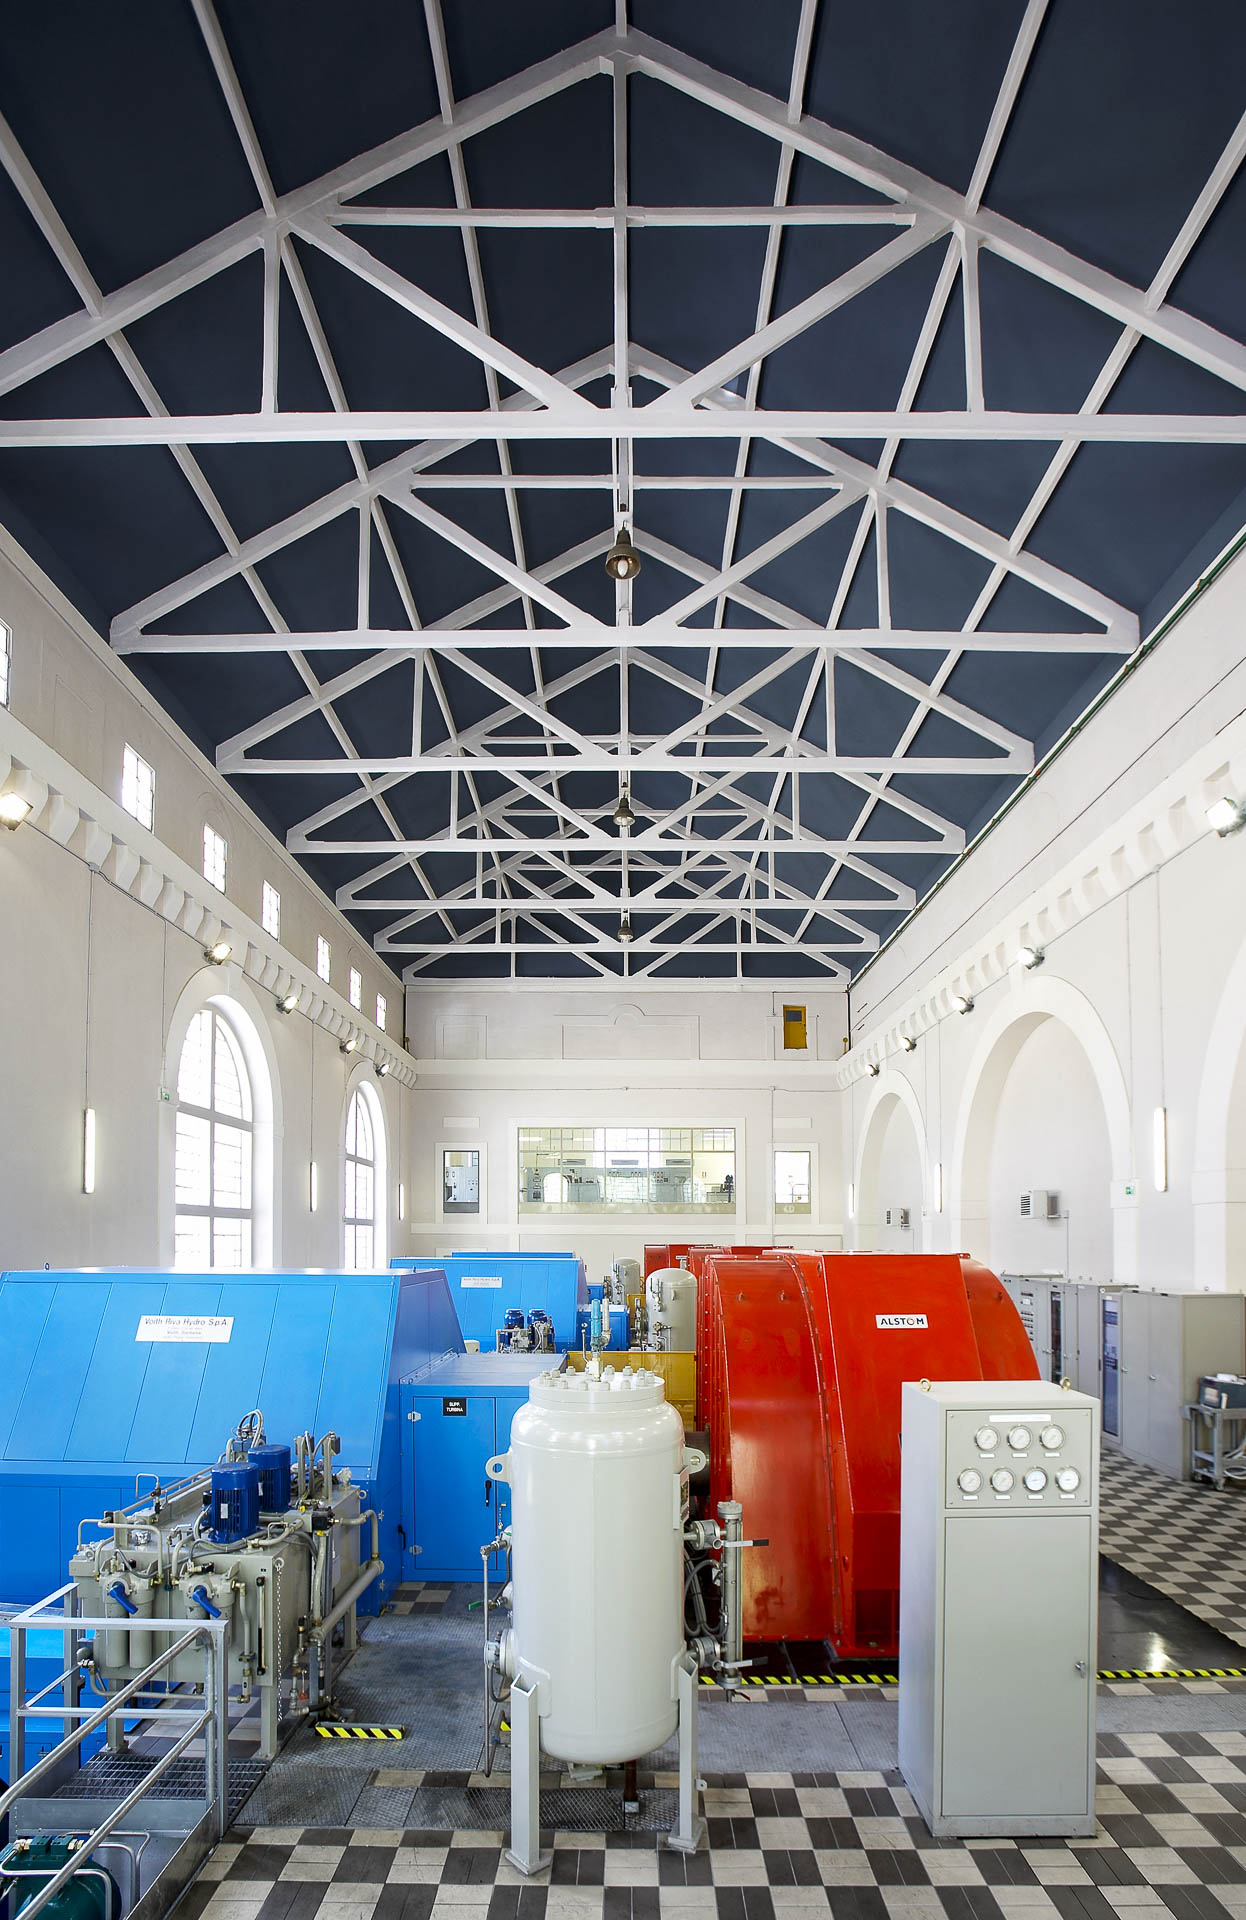 Centrale idroelettrica a valtournenche maen cignana per produrre energia rinnovabile CVA